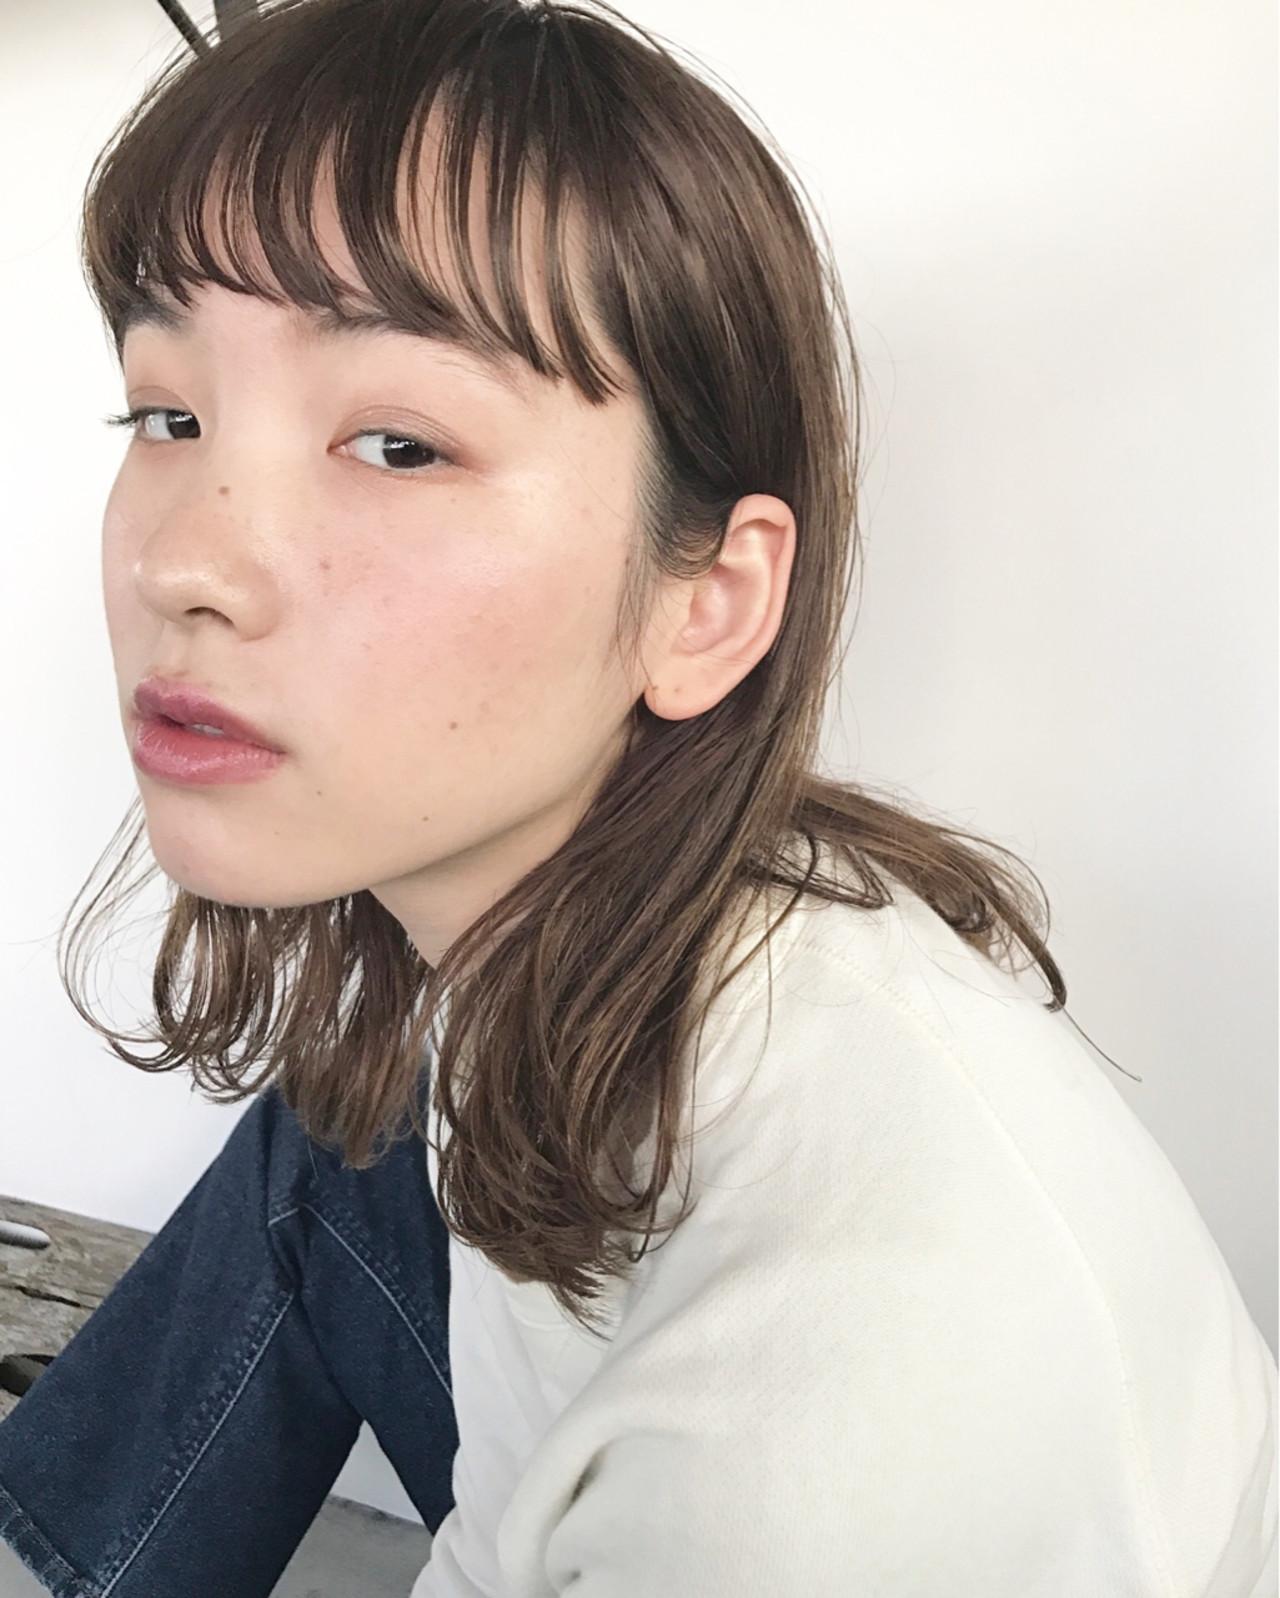 ミディアム フリンジバング 大人女子 パーマ ヘアスタイルや髪型の写真・画像 | UEKI/nanuk / nanuk二子玉川